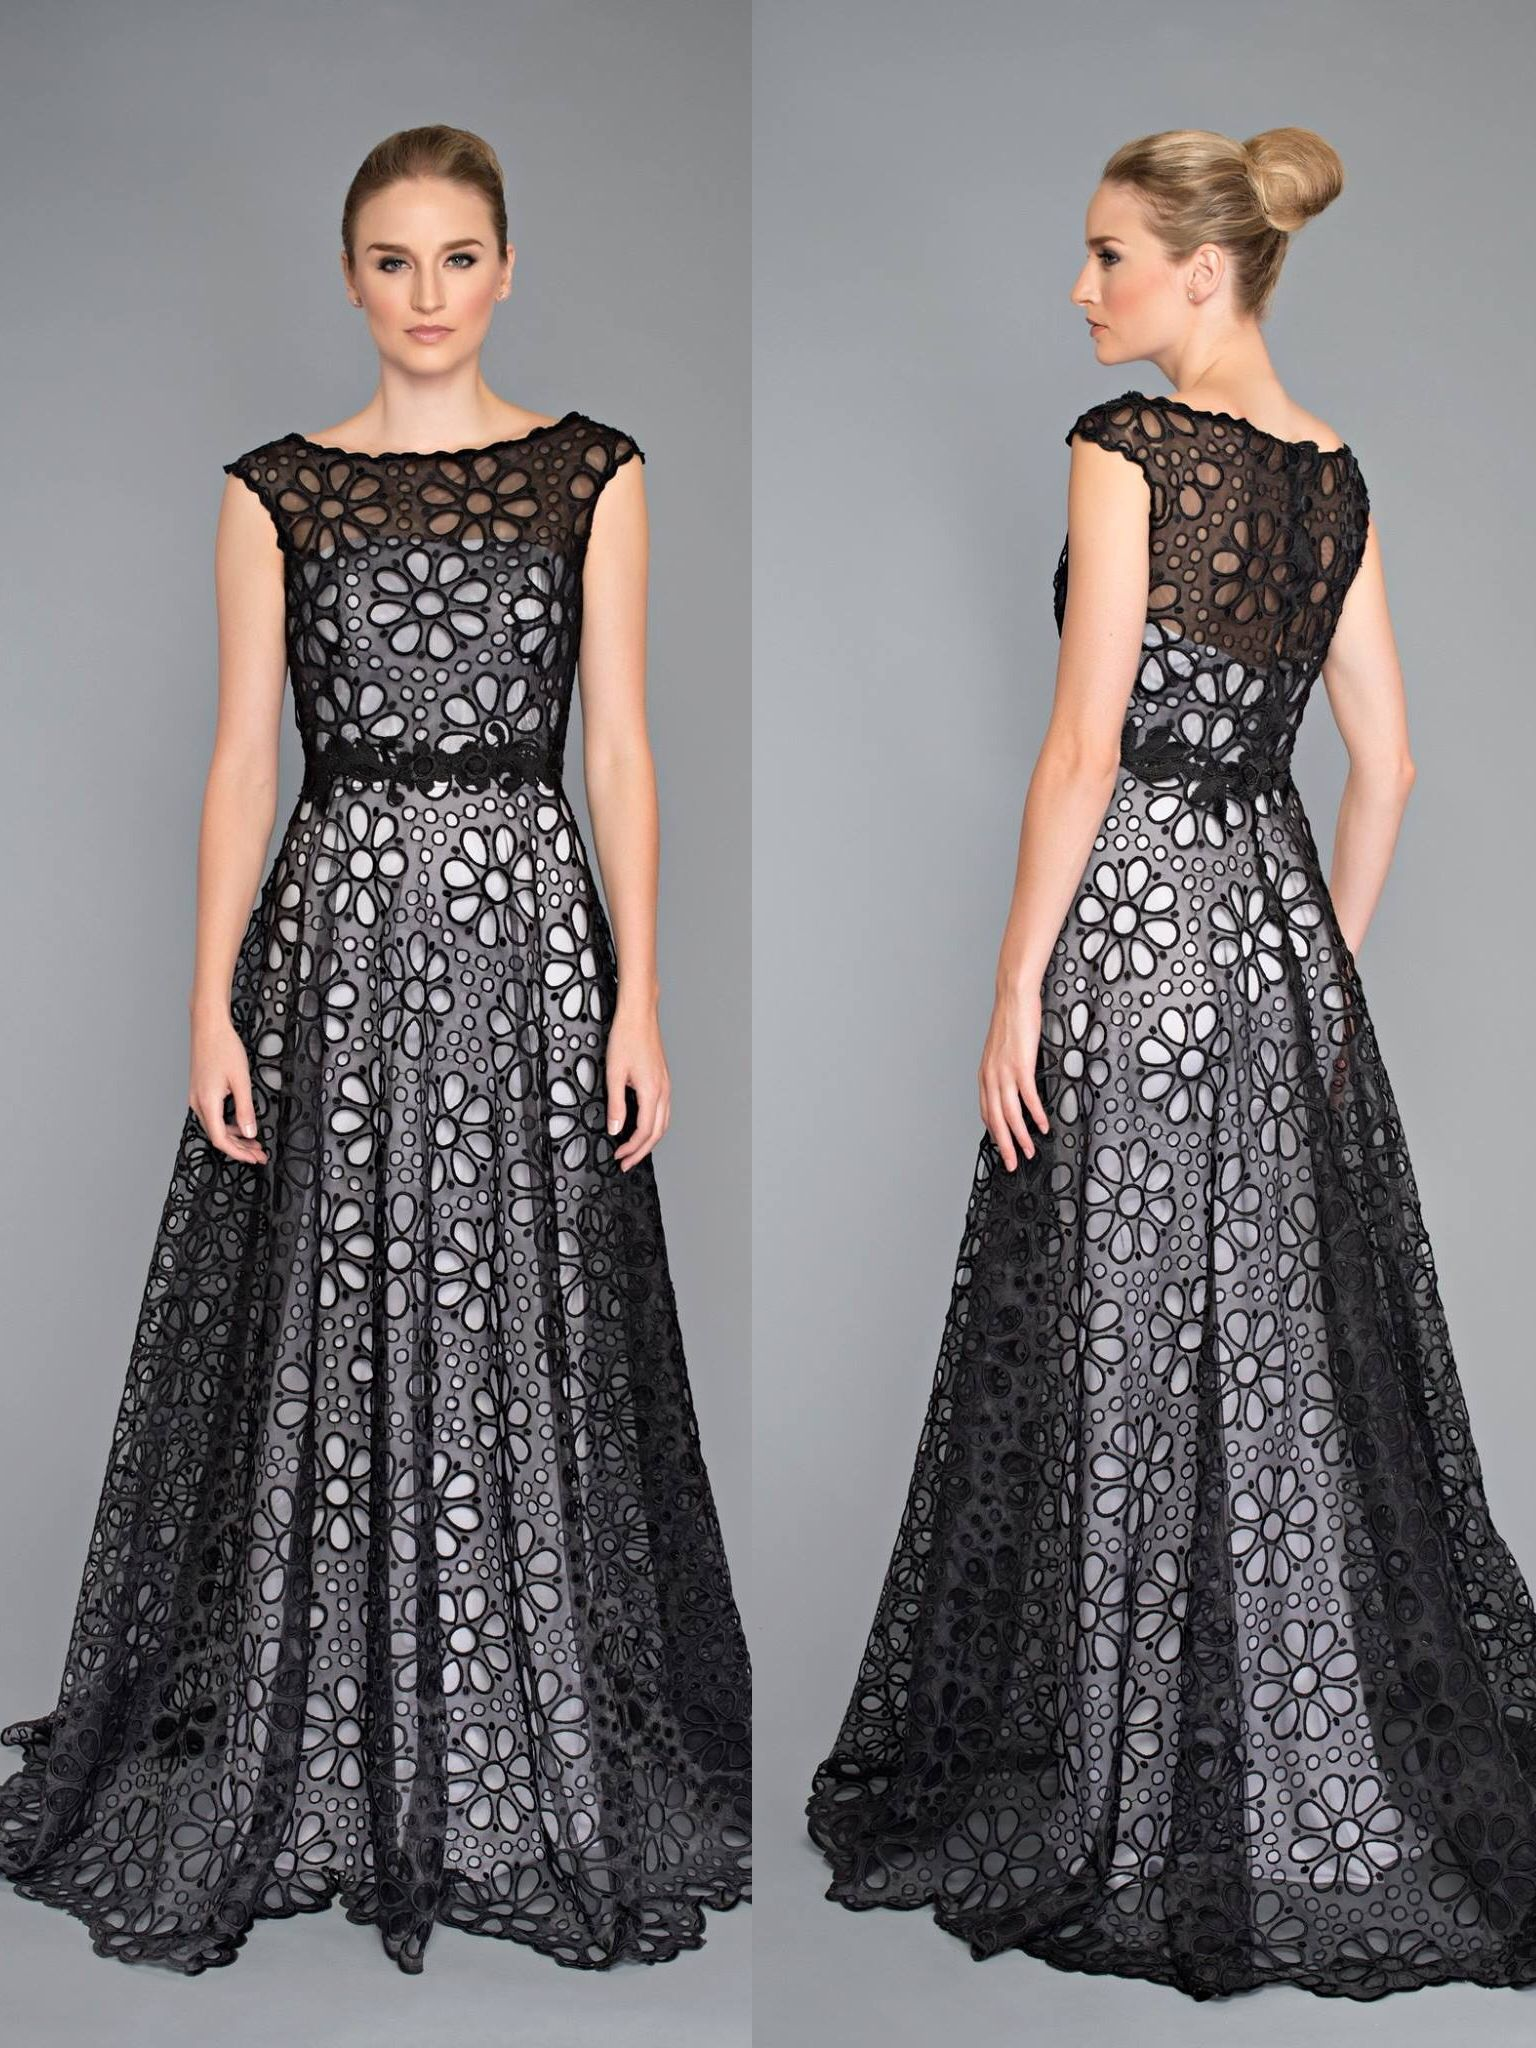 Fashion designers famous dresses designers